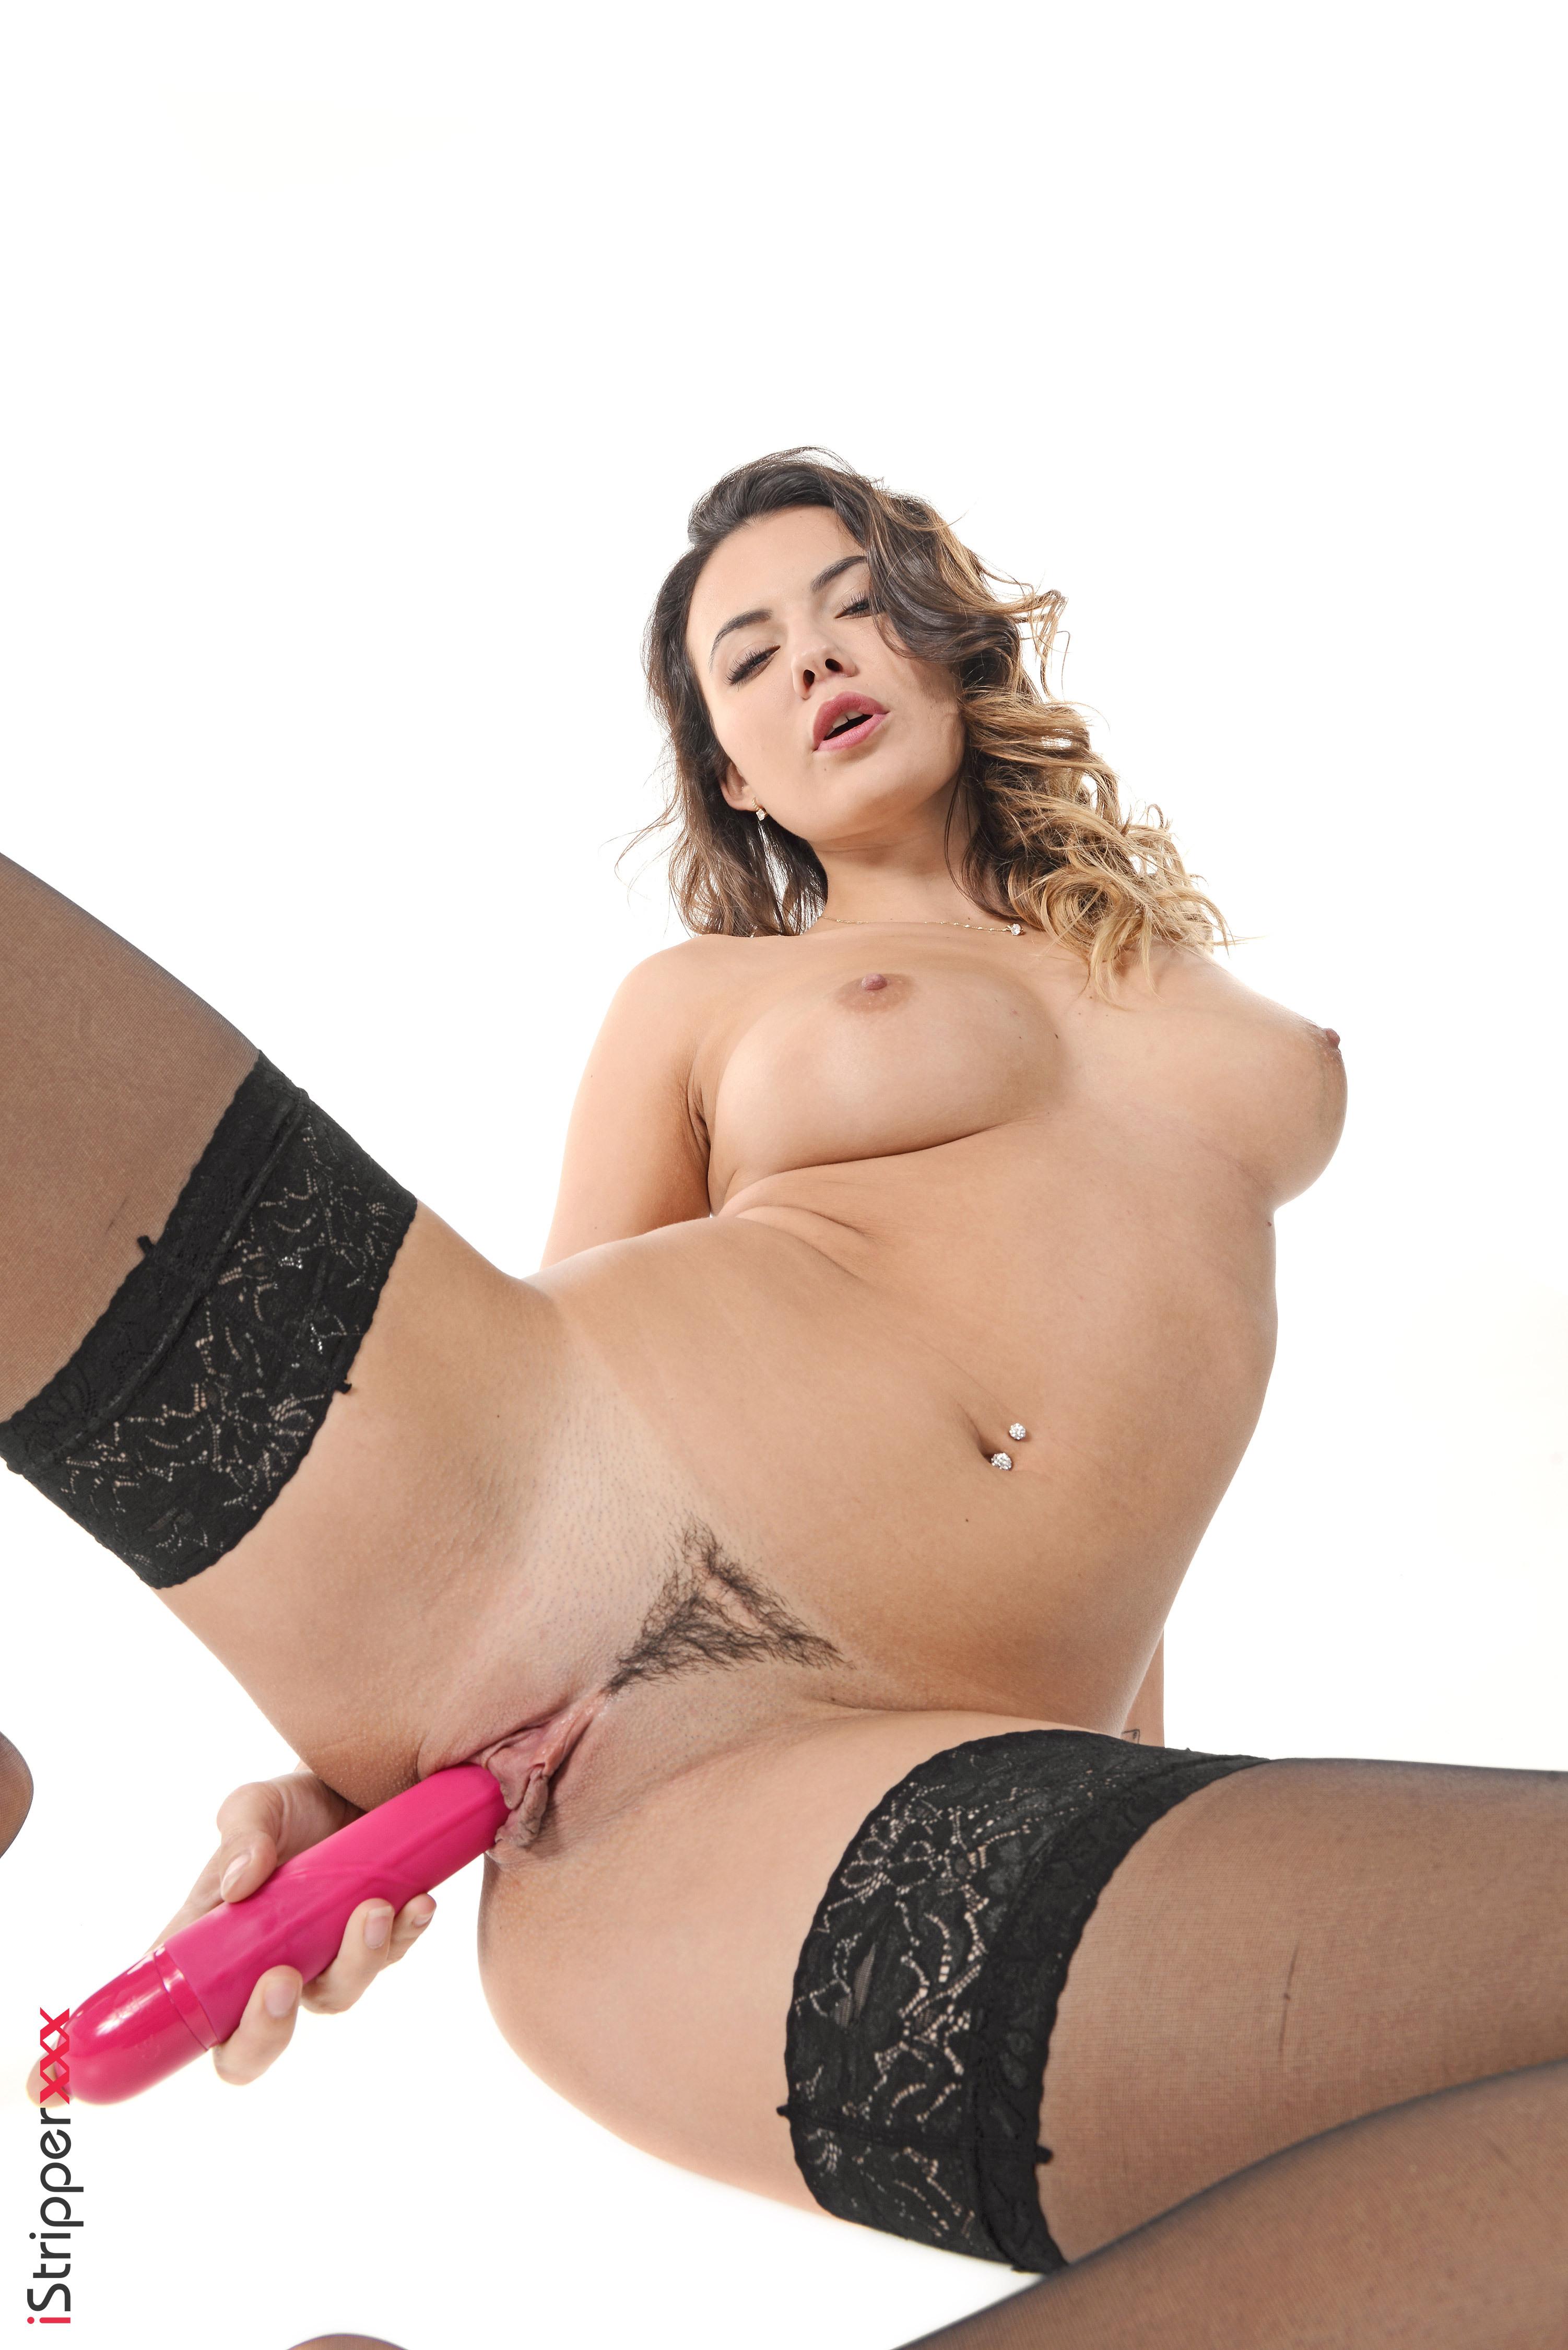 erotic ass wallpaper